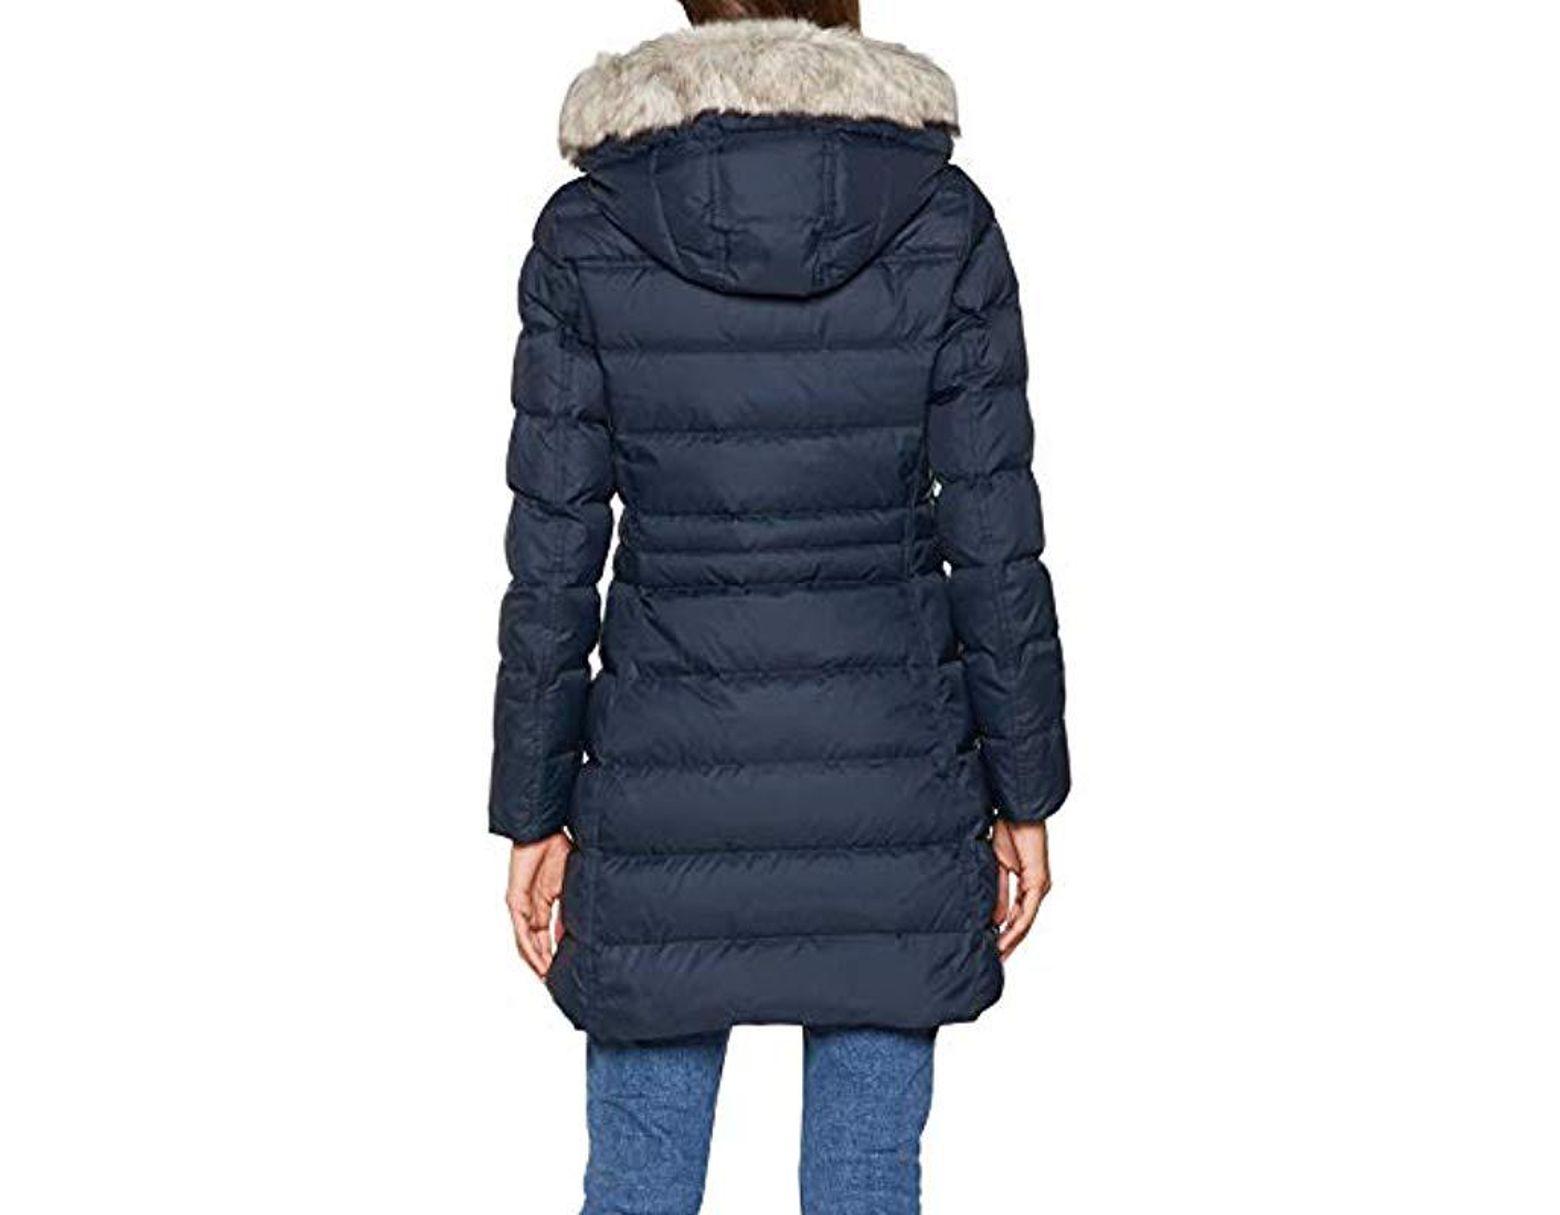 Tyra Manteau Coat Bleu Femme Down De Coloris New nPw0kXN8O